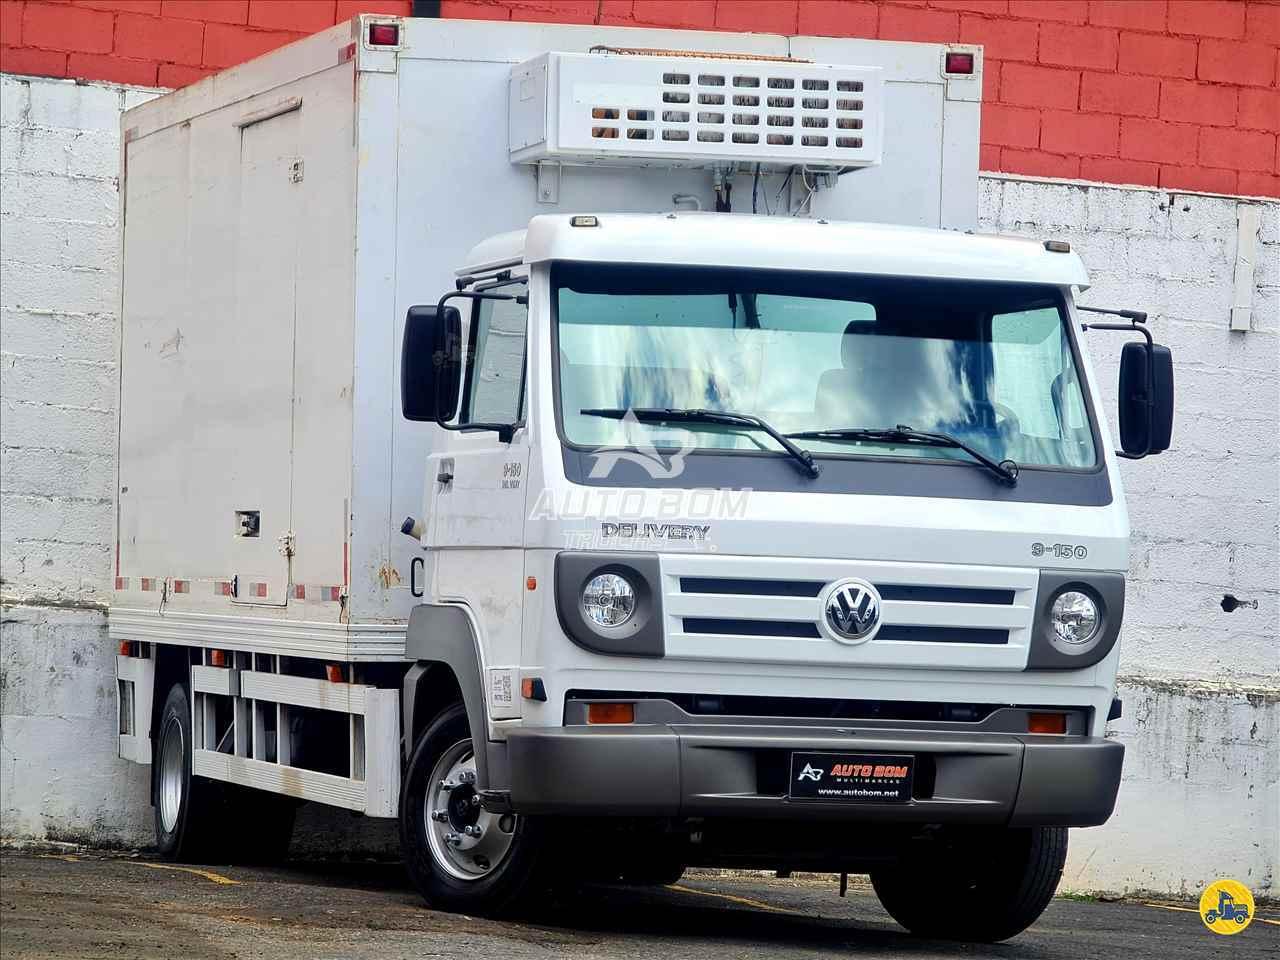 VW 9150 de Autobom Trucks - CONTAGEM/MG